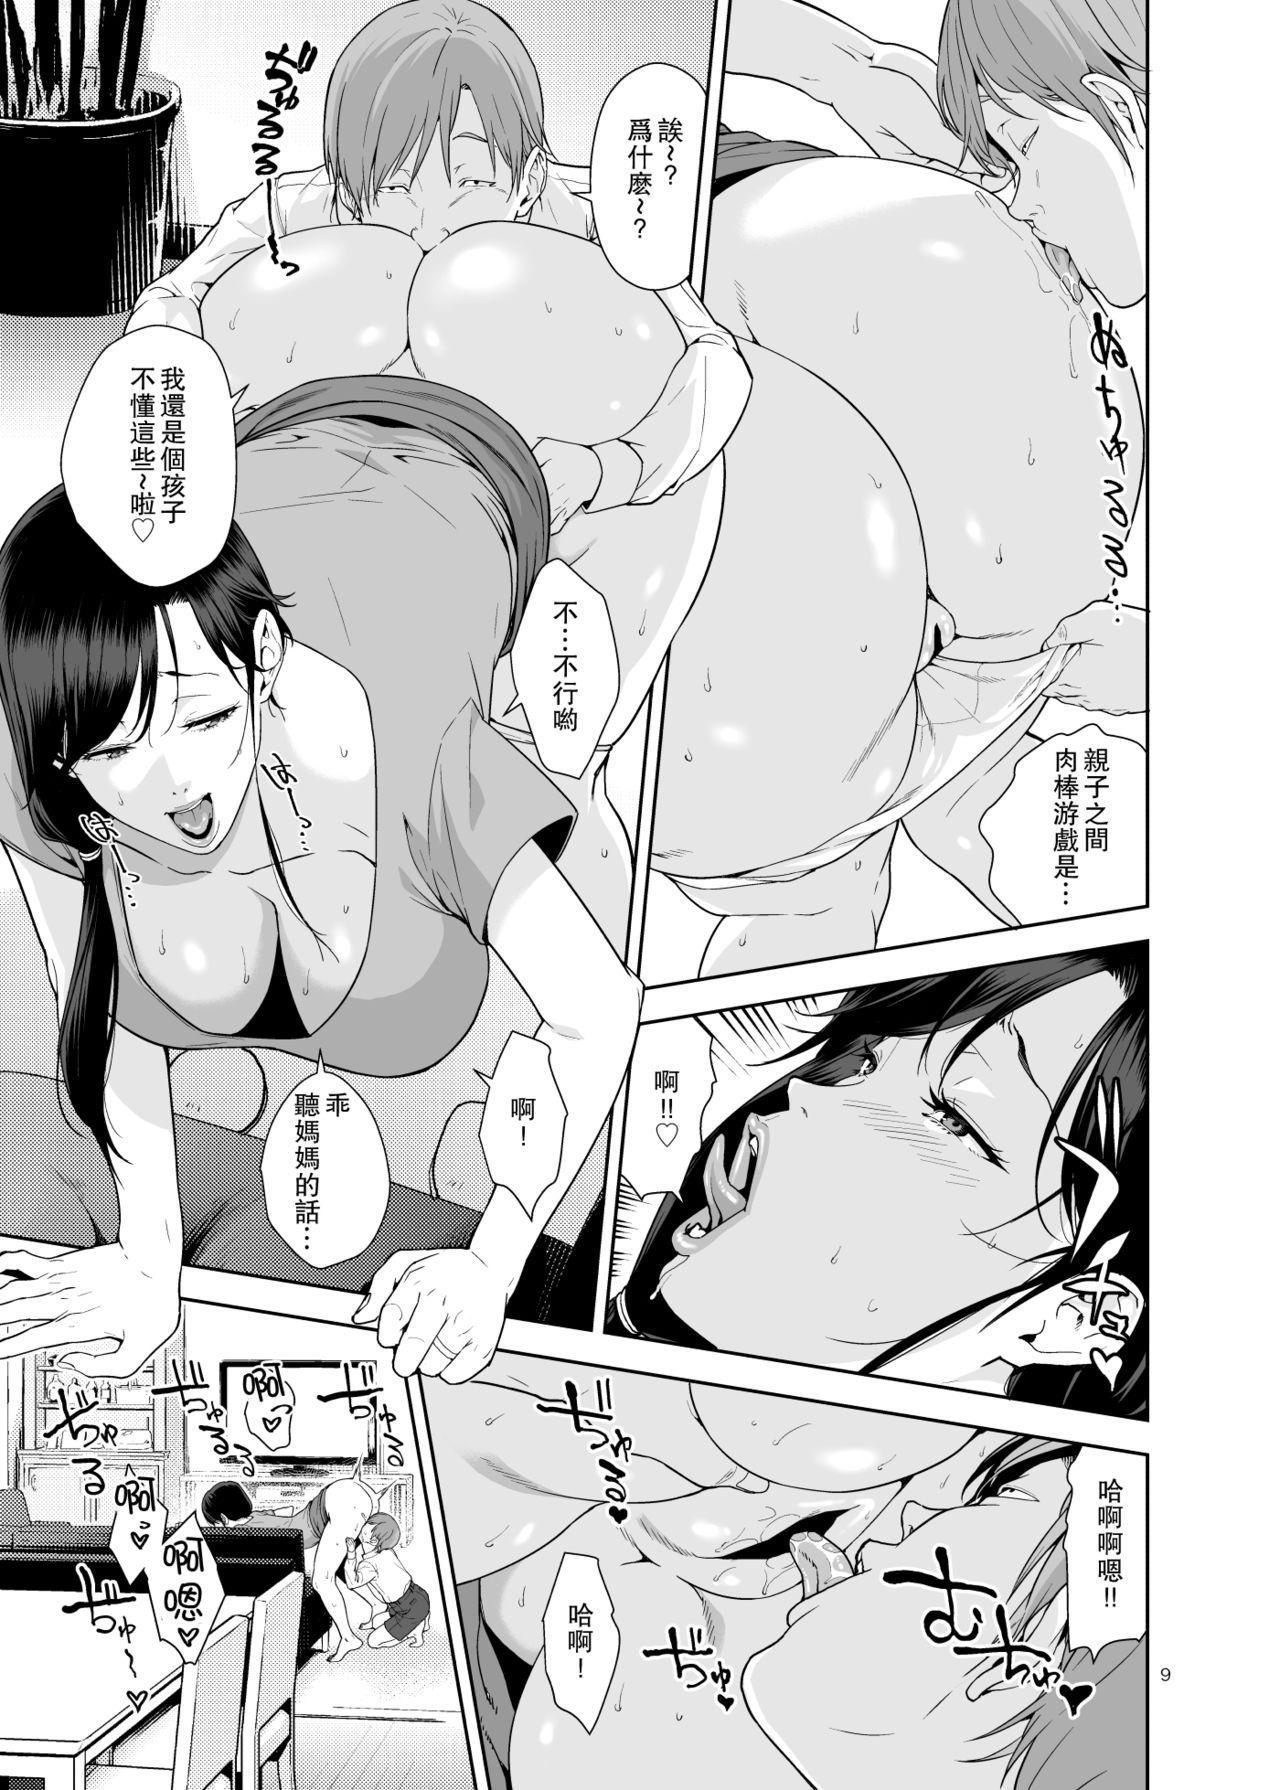 Tomodachi no Onna 7